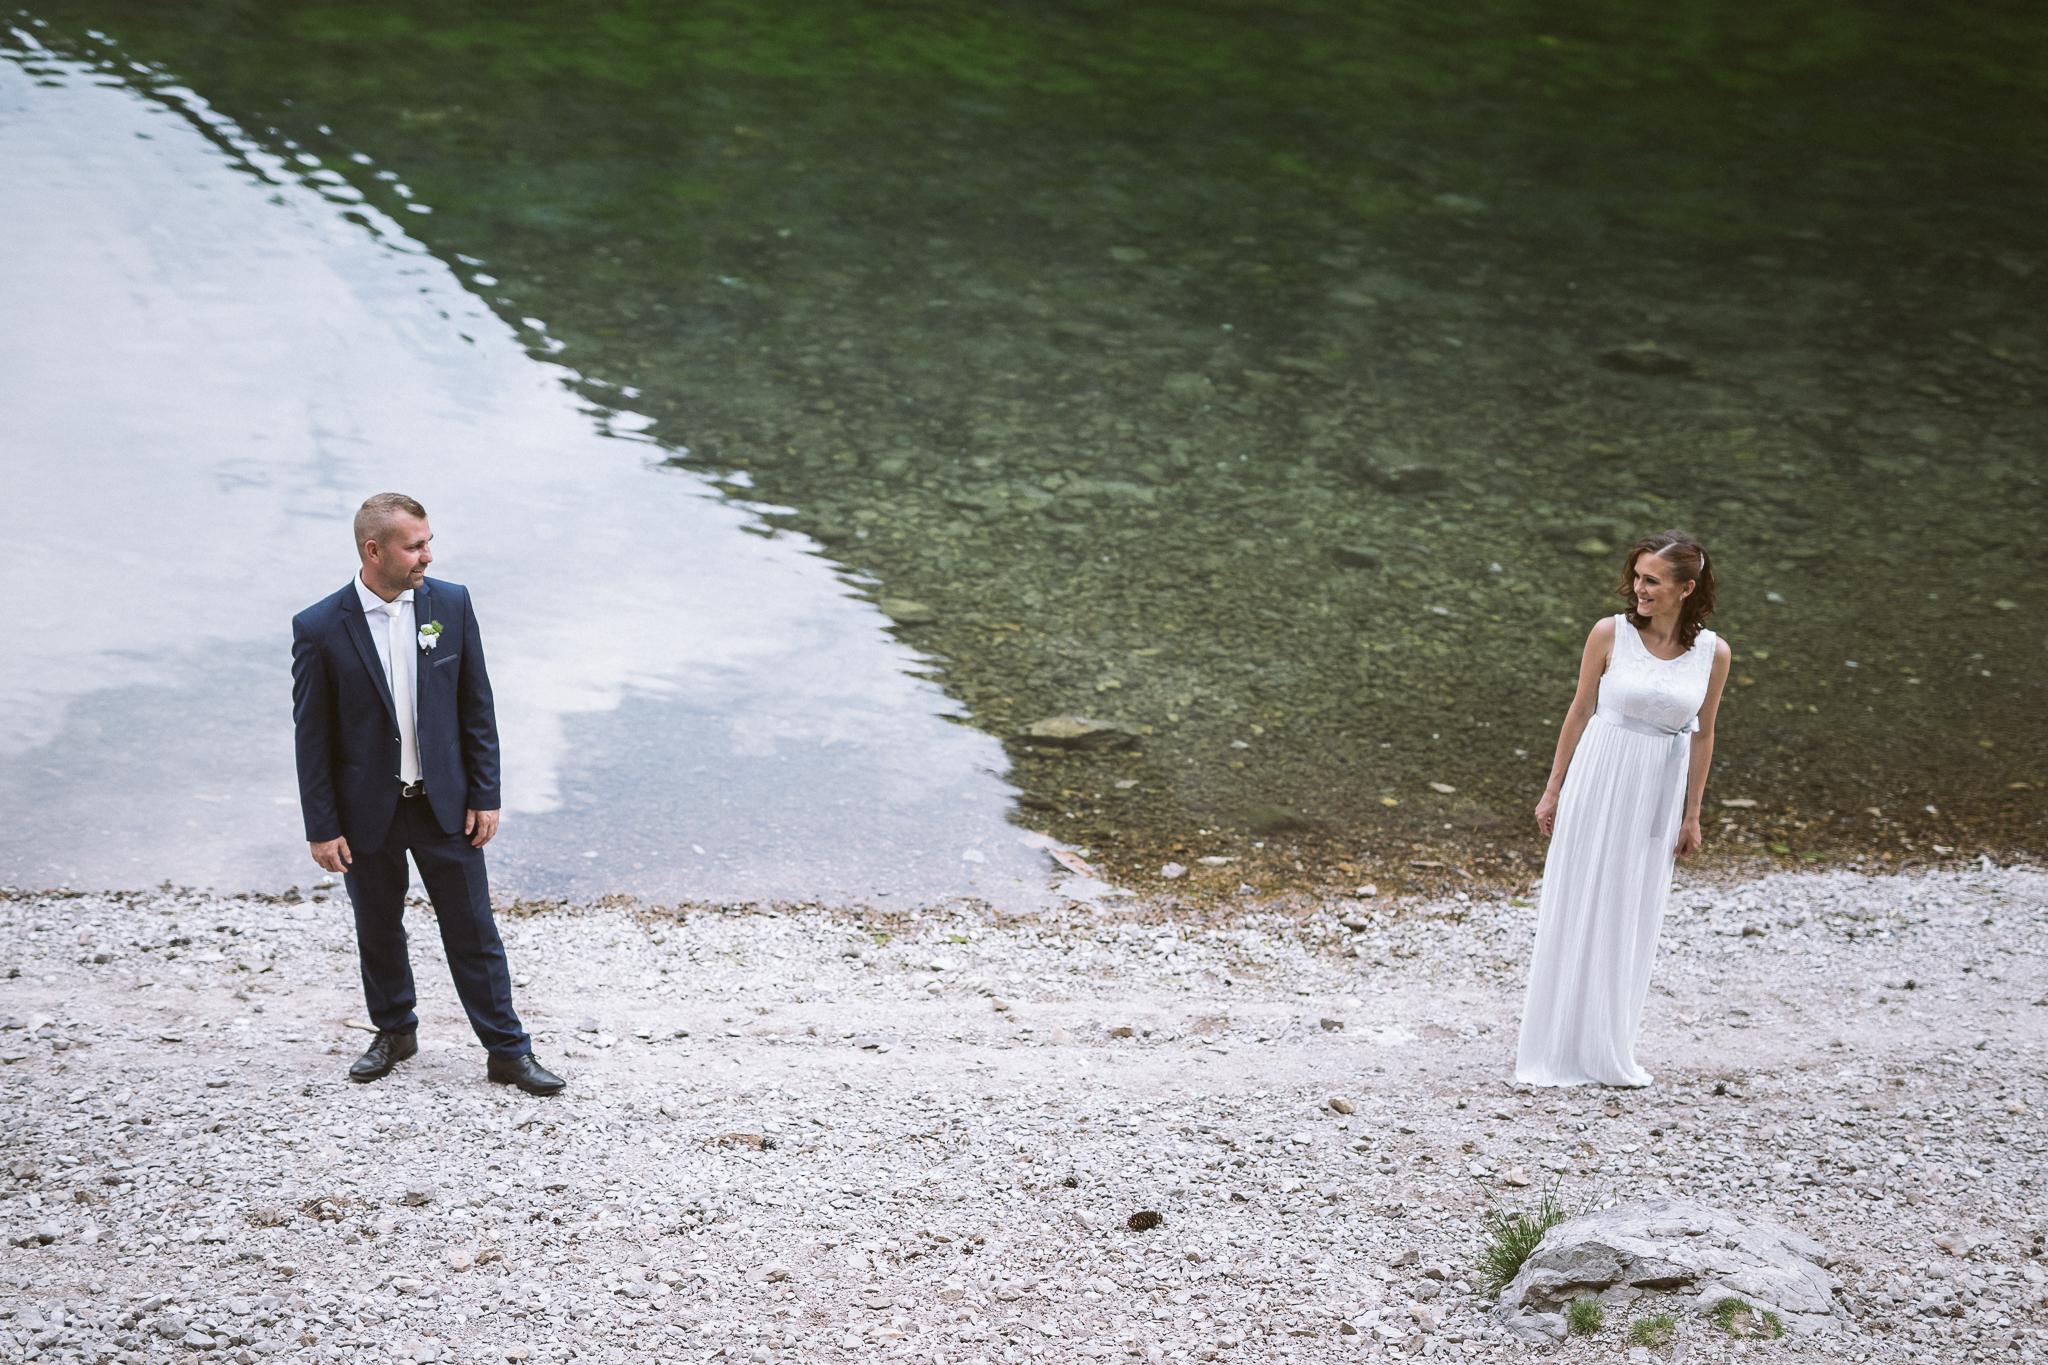 FylepPhoto, esküvőfotózás, magyarország, esküvői fotós, vasmegye, prémium, jegyesfotózás, Fülöp Péter, körmend, kreatív, grüner see_10.jpg